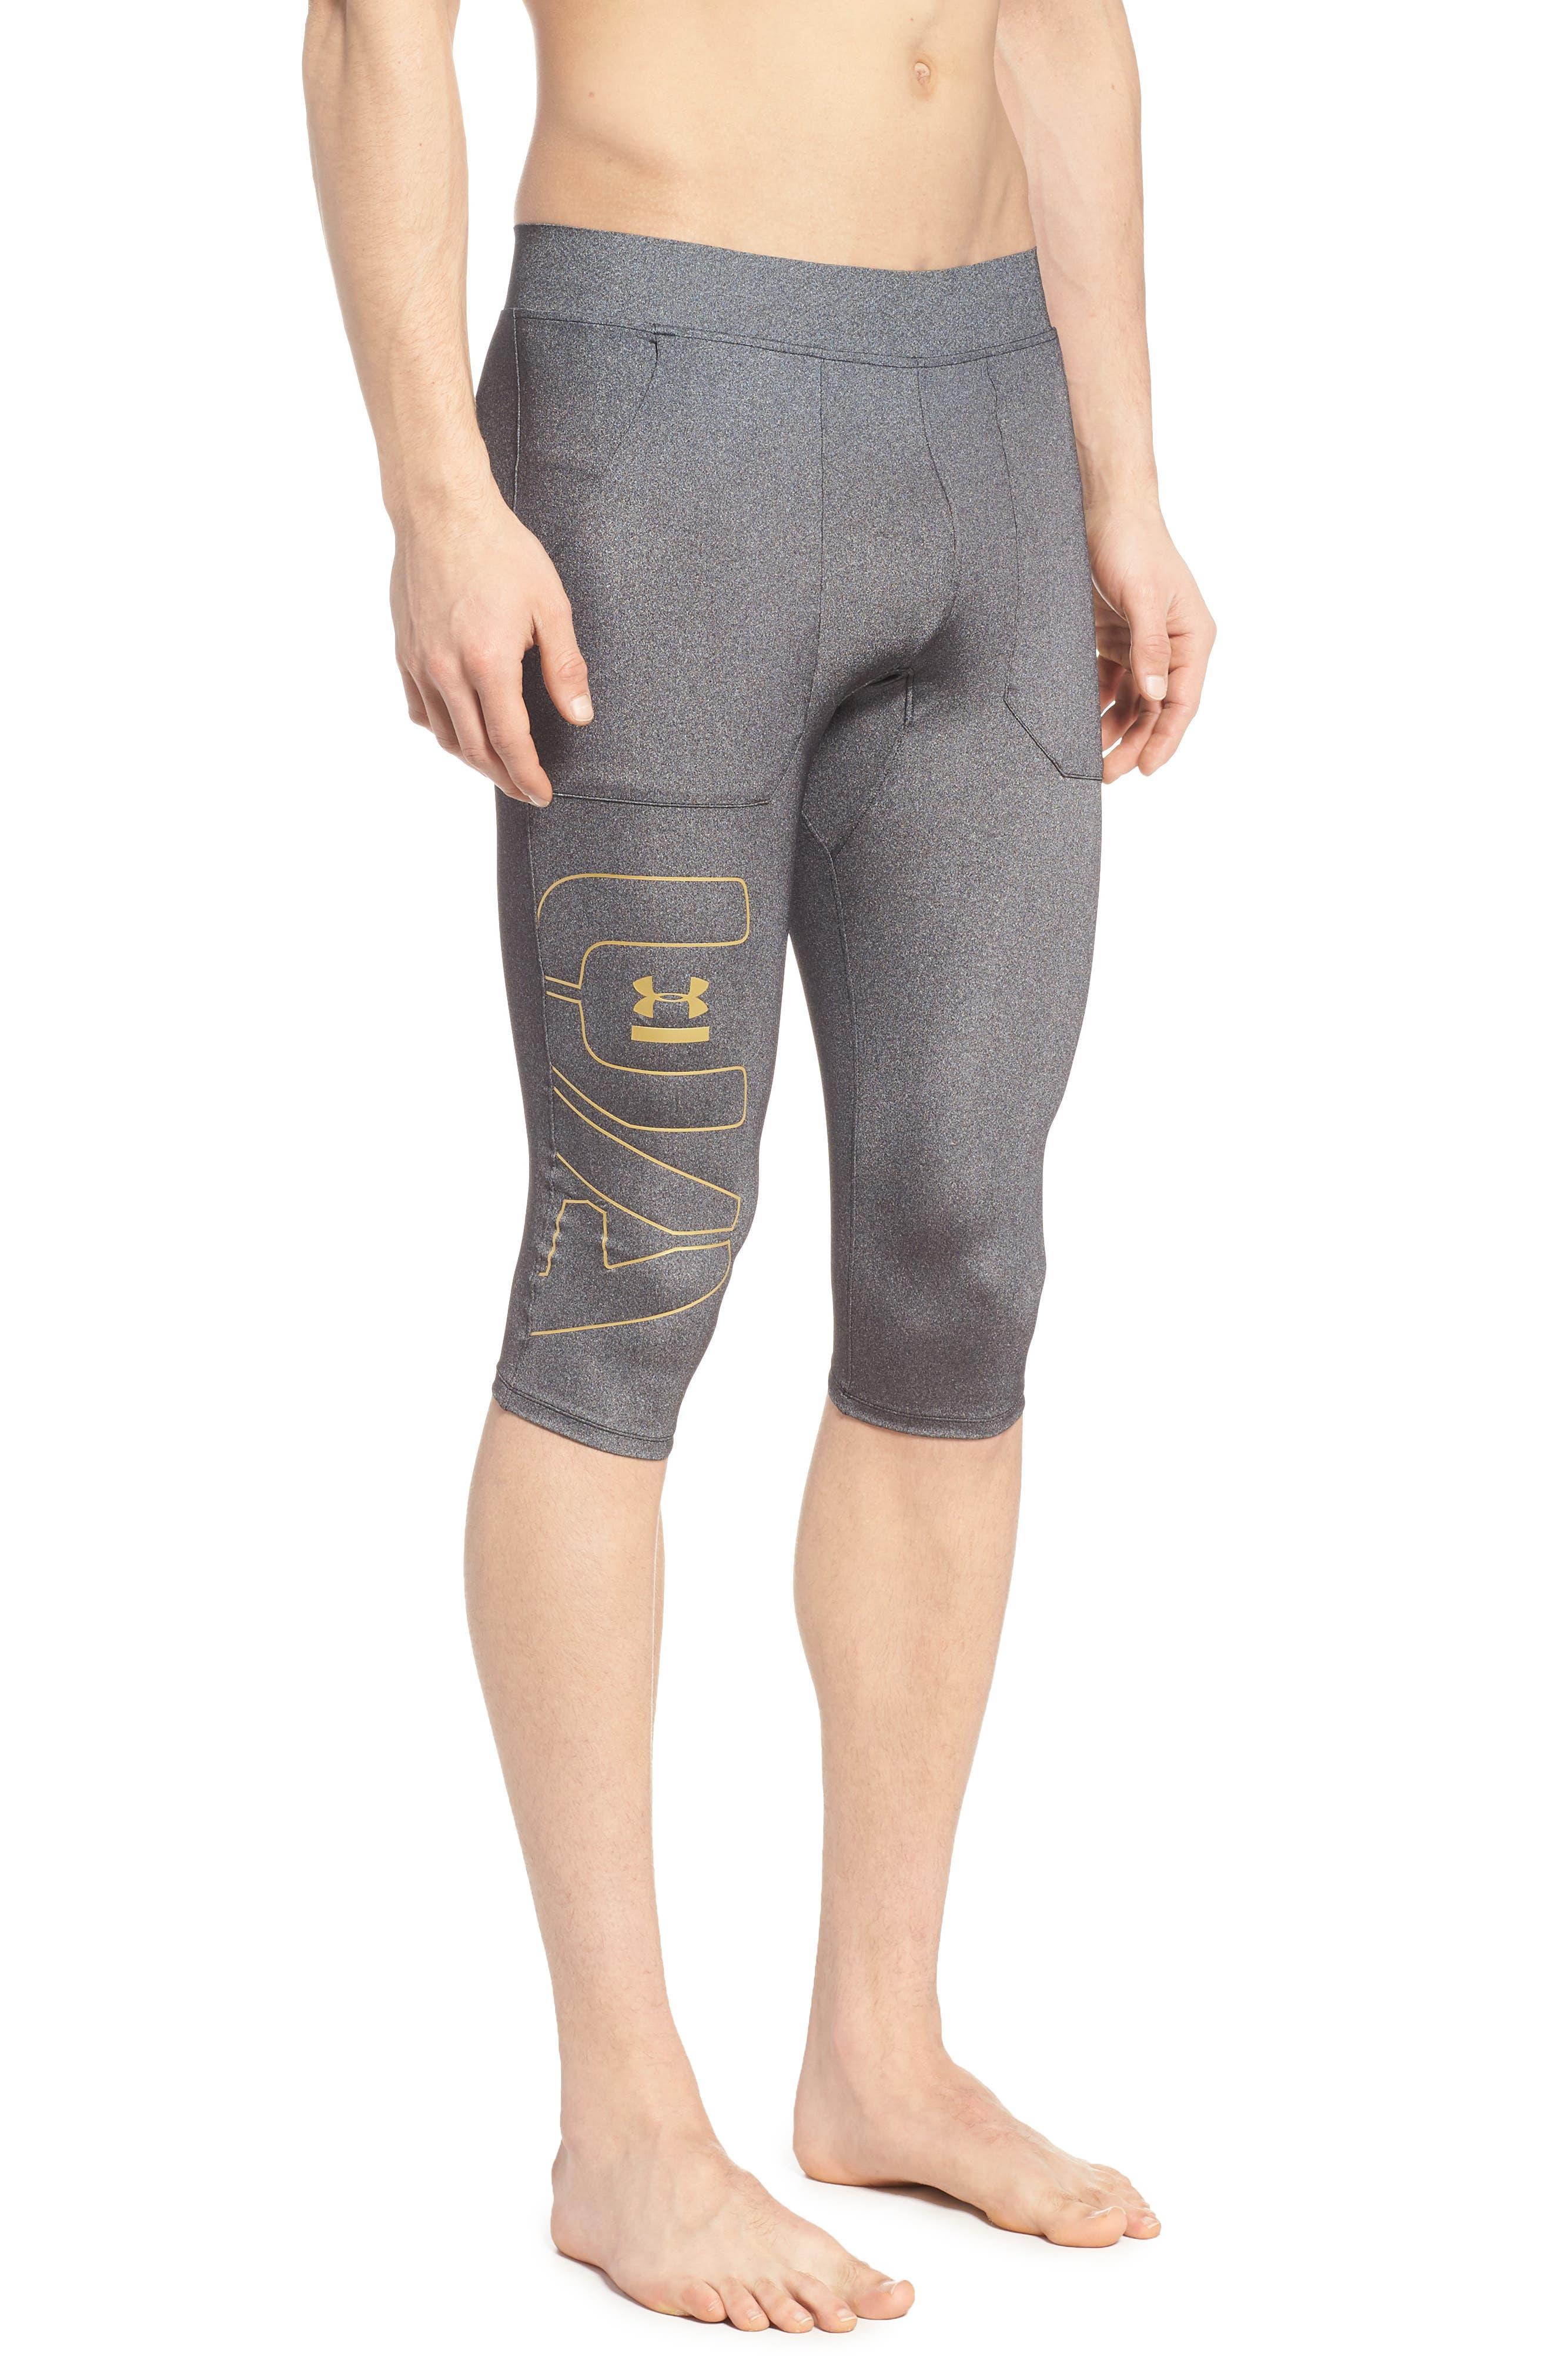 Perpetual Half Leggings,                         Main,                         color, BLACK/ METALLIC VICTORY GOLD